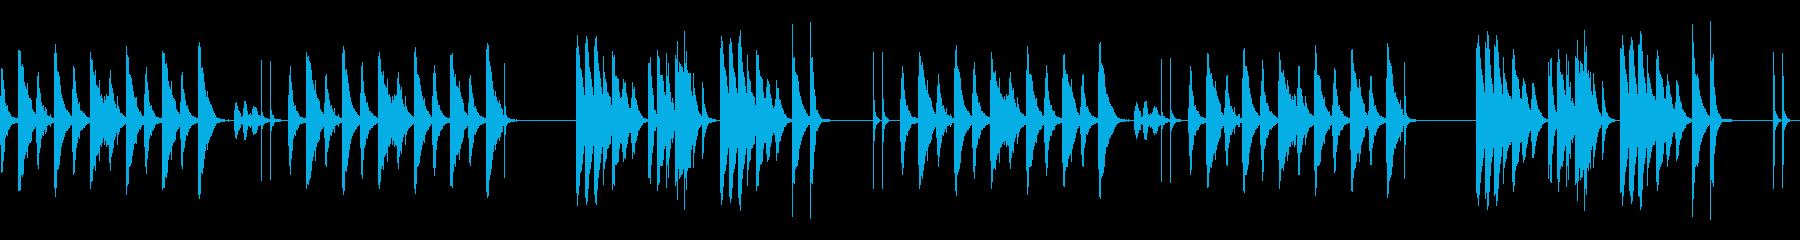 劇伴 シンプル 日常 間抜けBの再生済みの波形